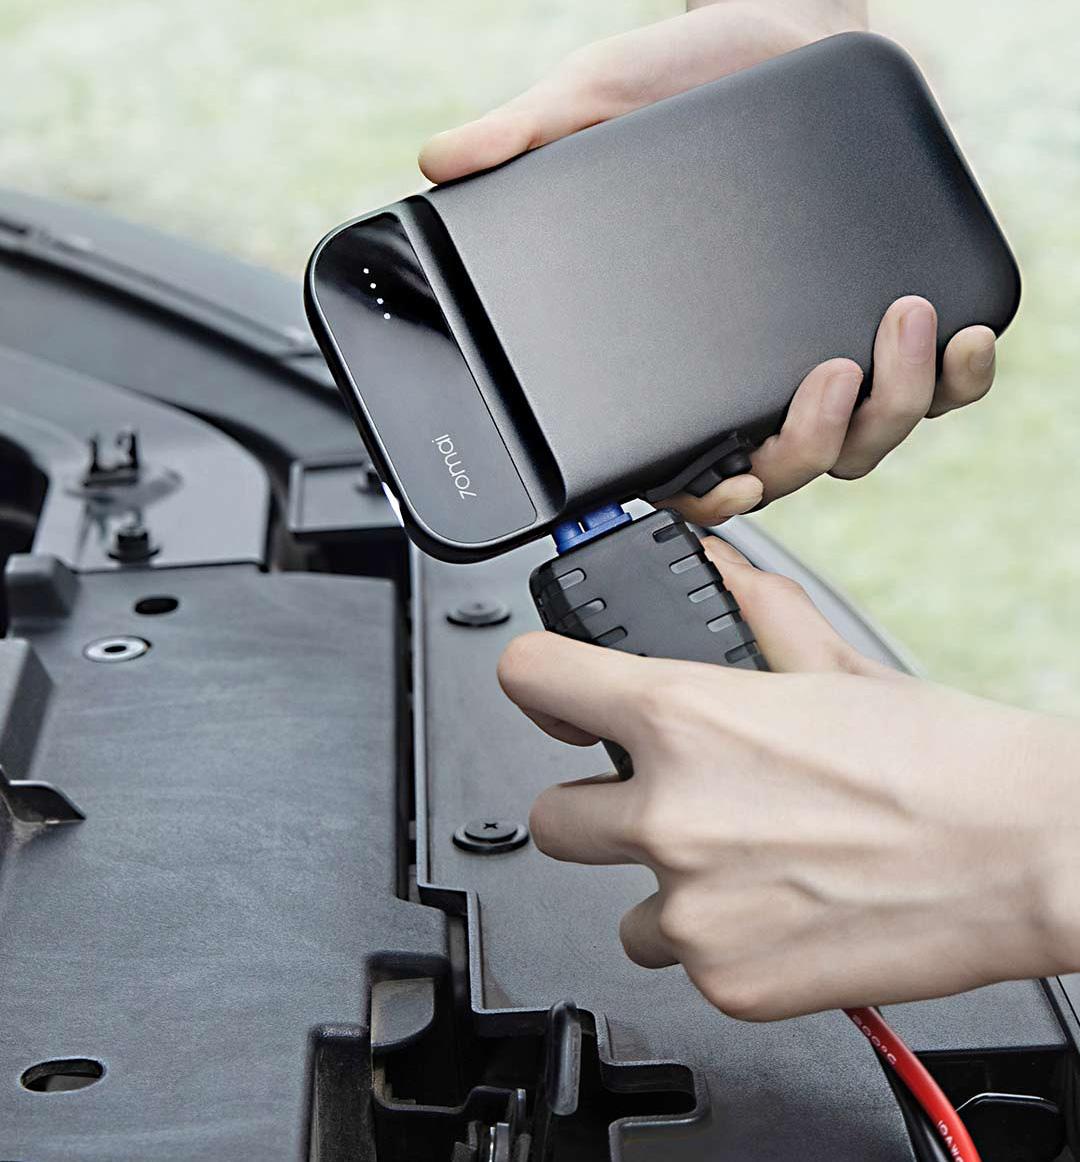 Xiaomi 70MAI 11100mAh Portable Car Jump Starter